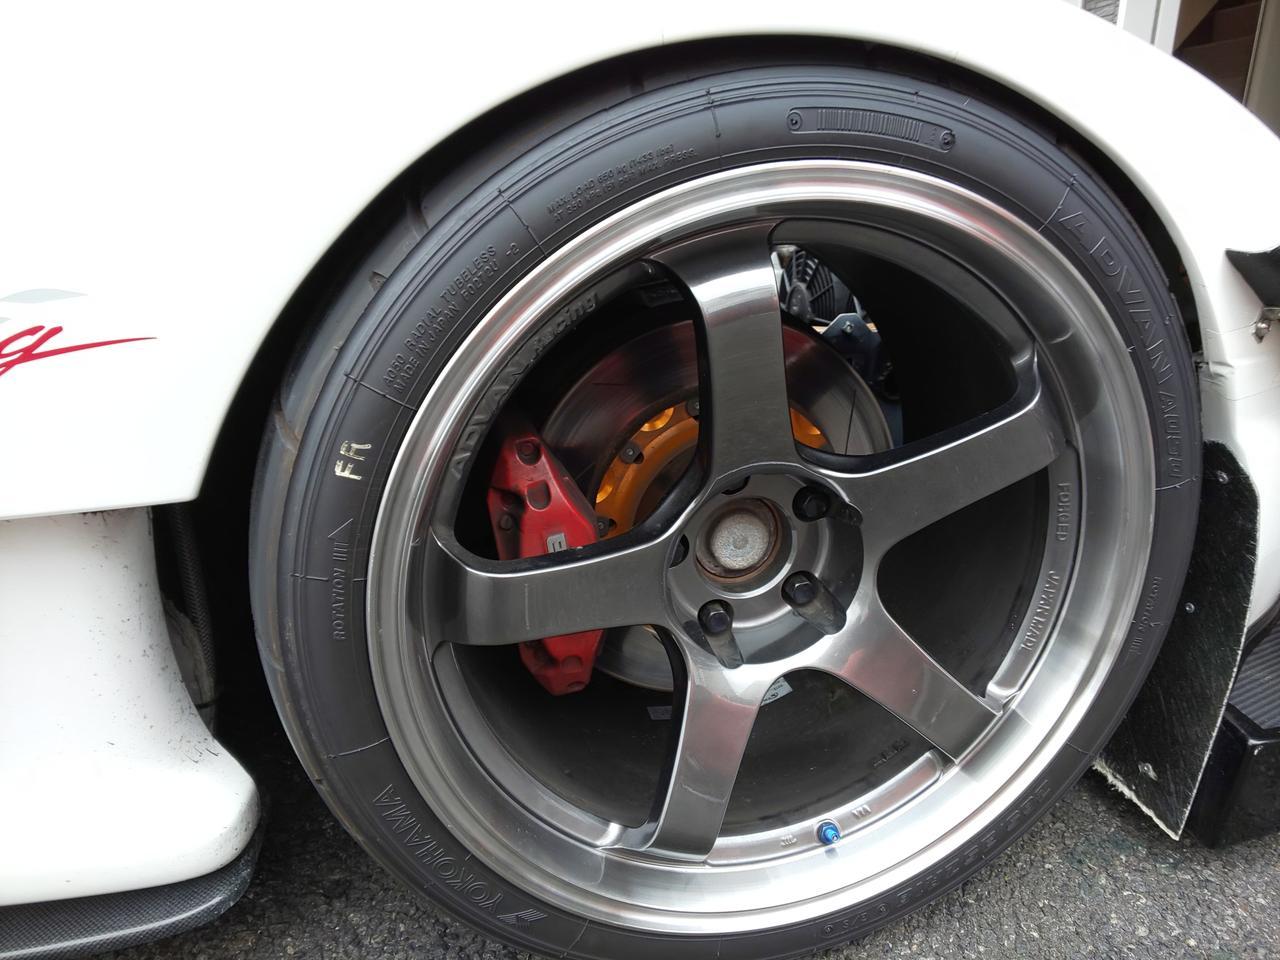 画像: アドバンレーシングのホイールにヨコハマA050の組み合わせ。ブレーキキャリパーは純正を使っていますが、ローターは2ピース仕様で安定したブレーキ性能を発揮します。